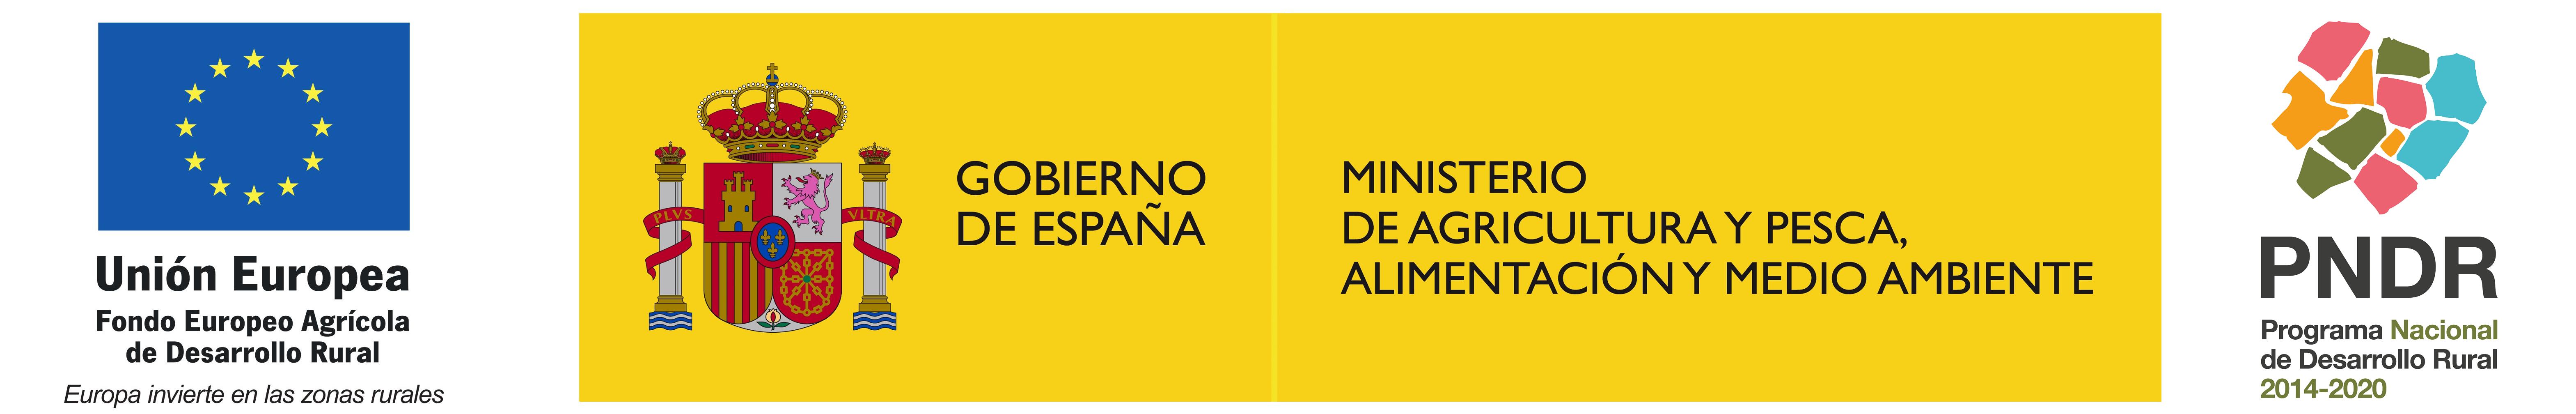 Fondo Europeo Agrícola Desarrollo Rural - Ministerio de Agricultura y Pesca, Alimentación y Medio Ambiente - Programa Nacional de Desarrollo Rural 2014-2020